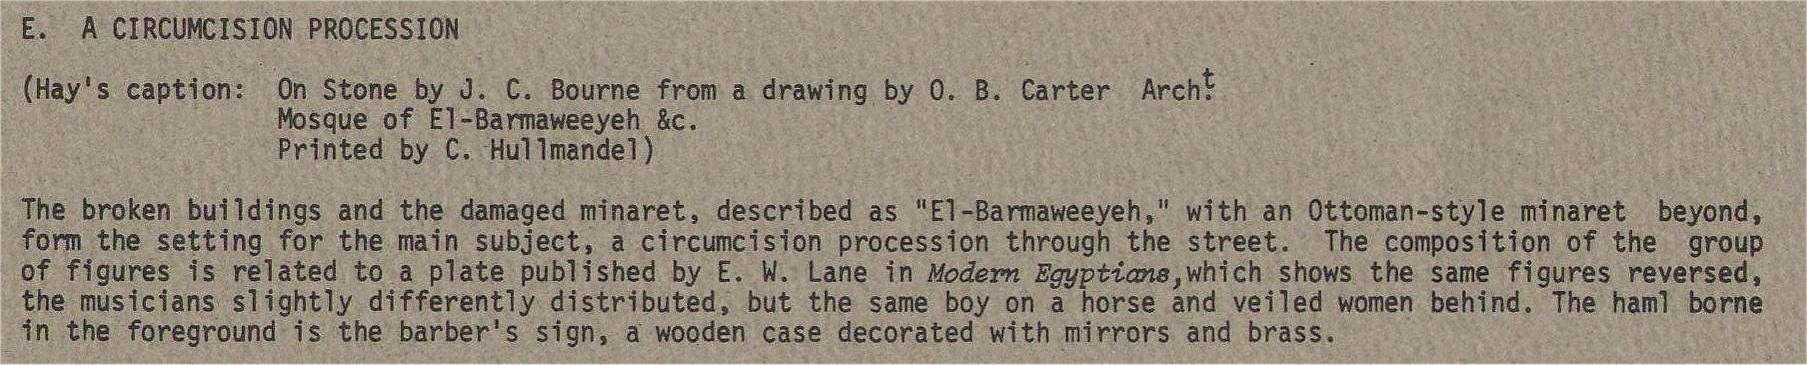 Description E